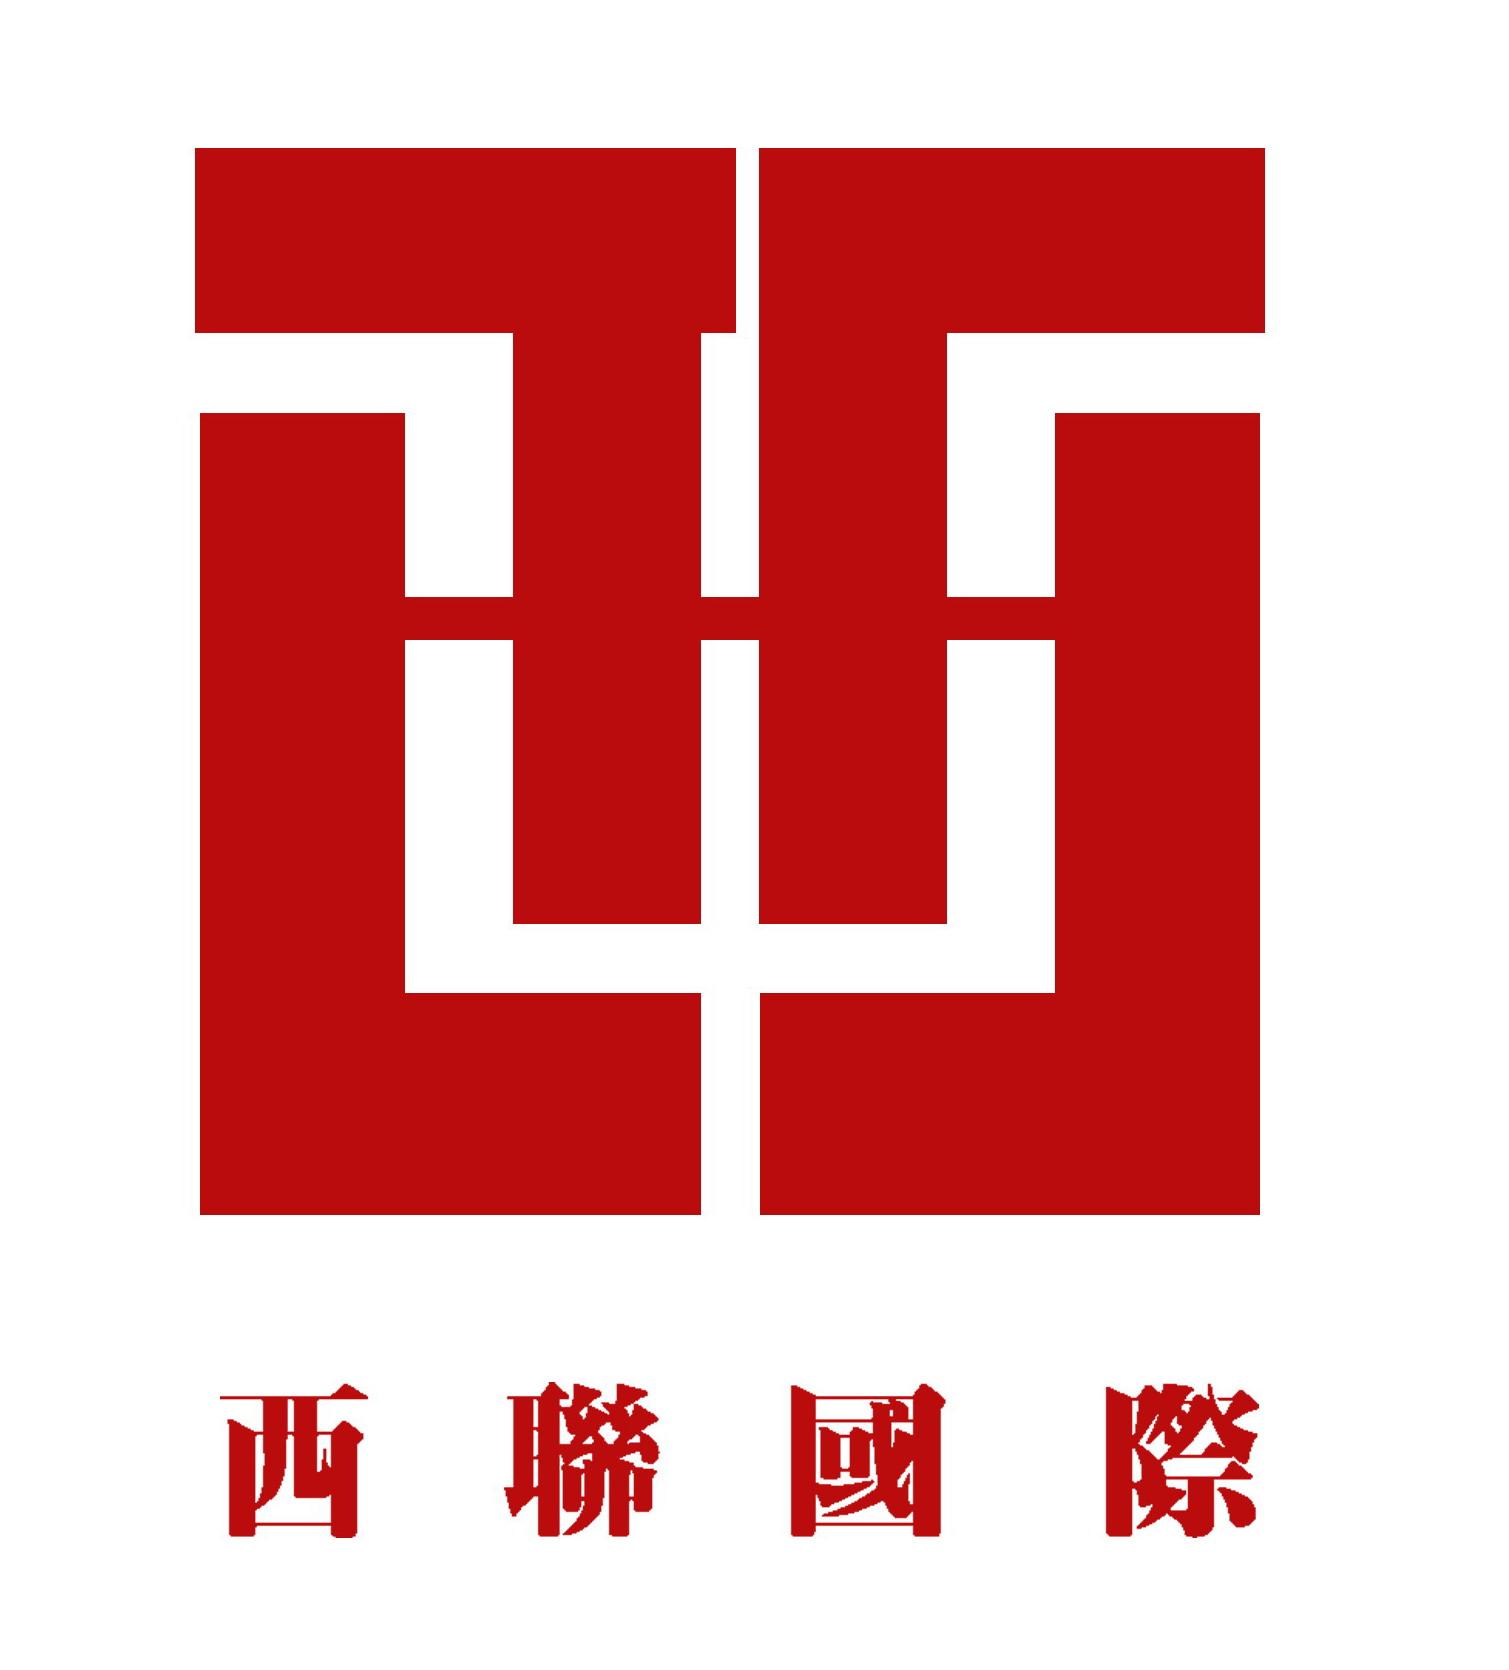 上海西联城市规划建筑设计有限公司招聘设计总监-建筑